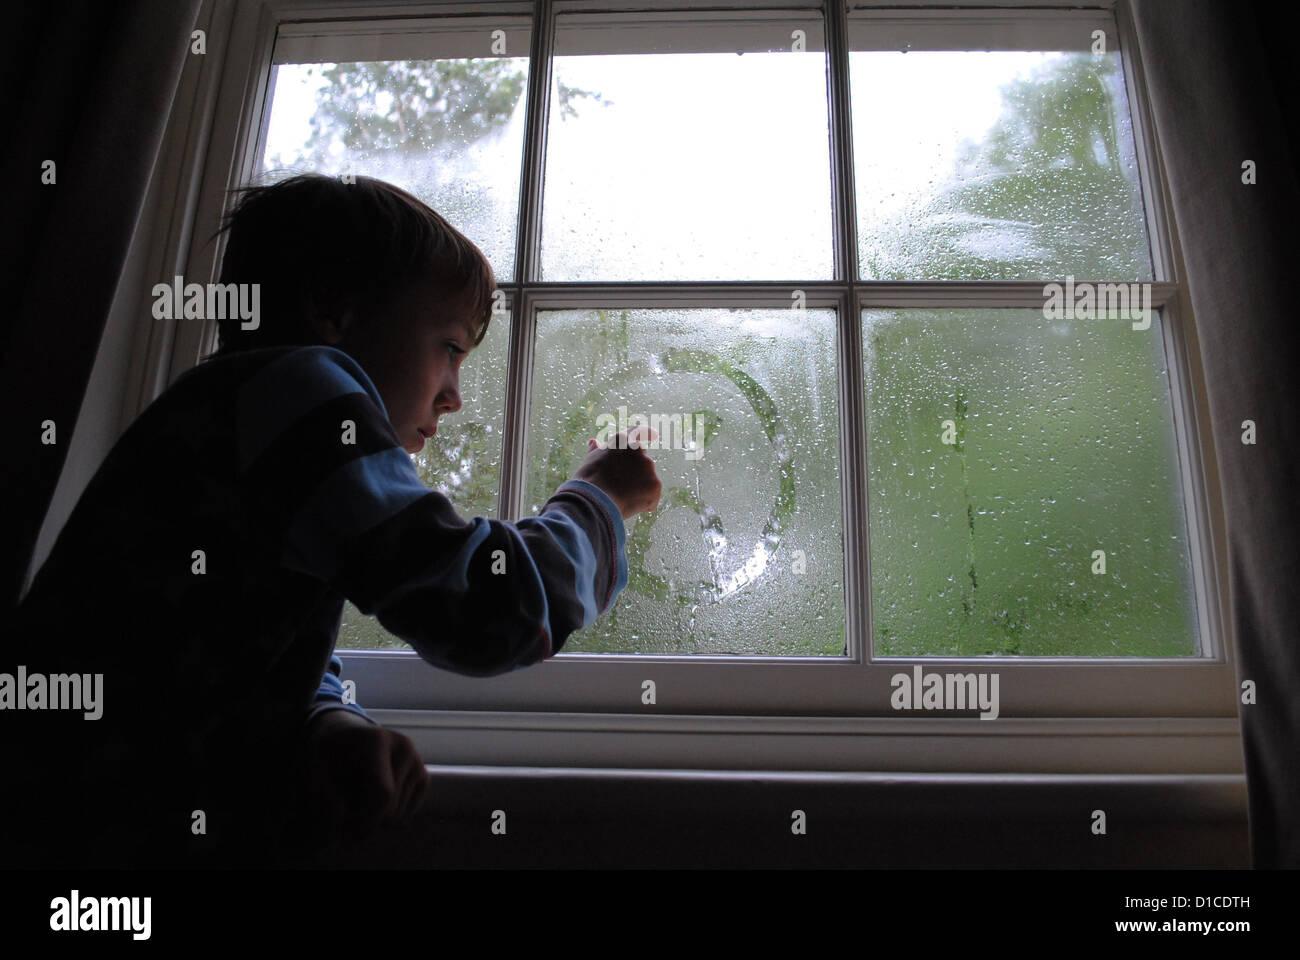 8 ans dimensions un visage triste dans la condensation sur la fenêtre. Photo Stock